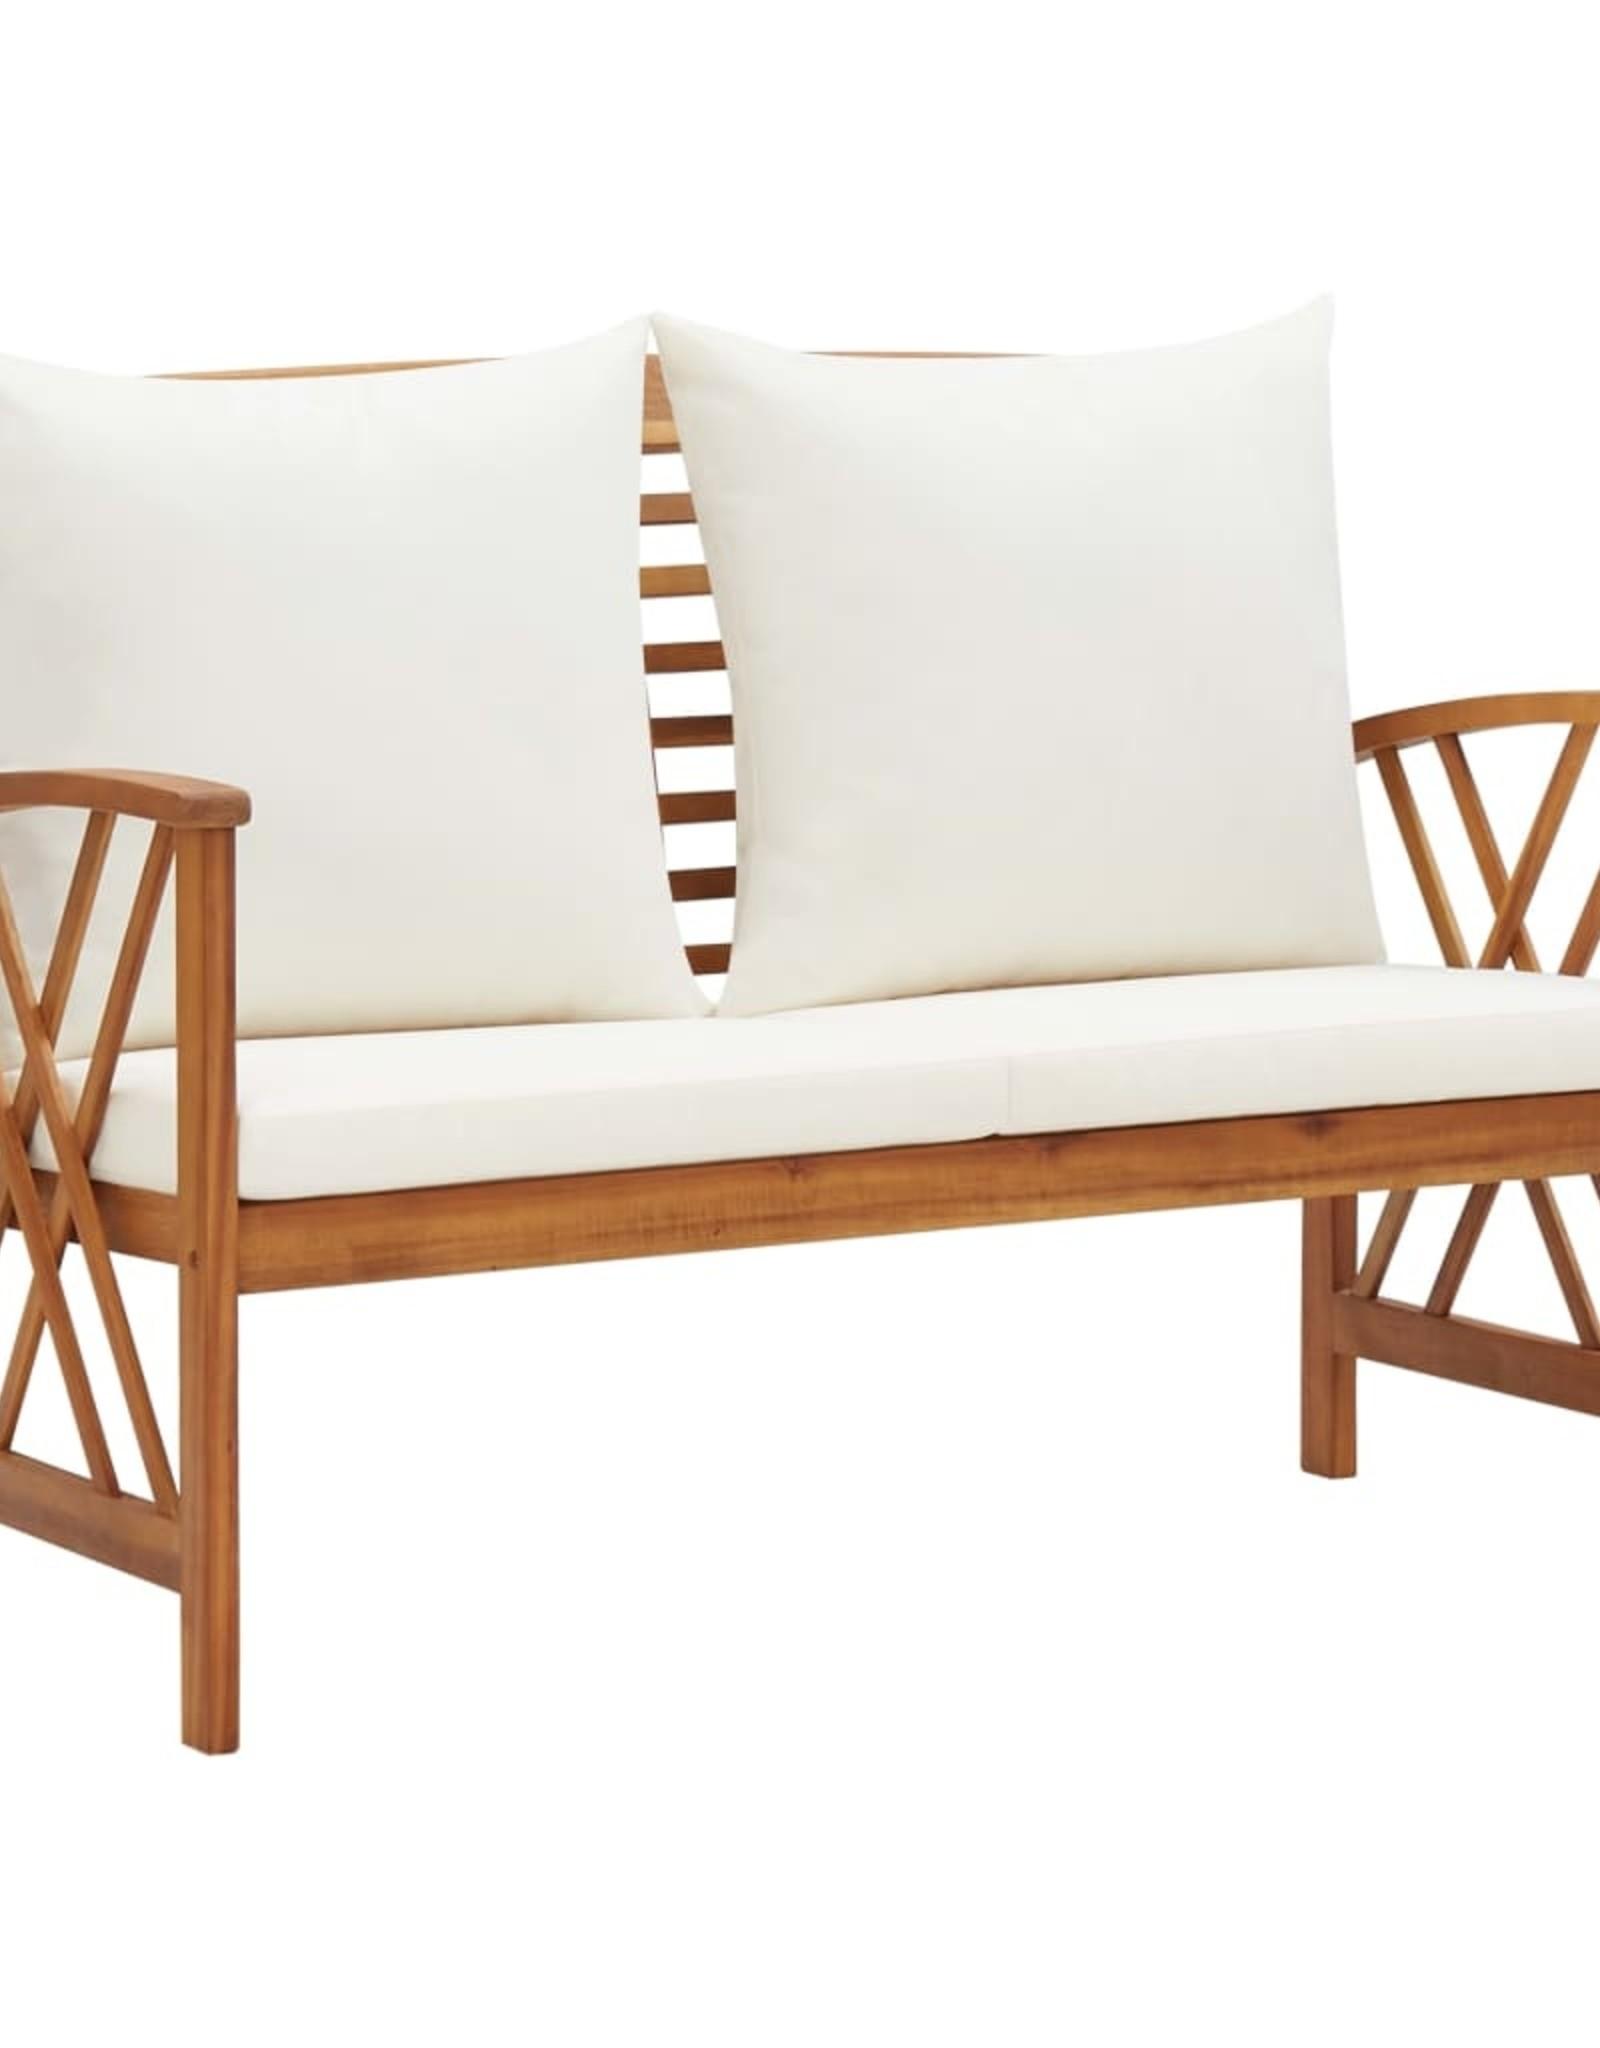 2-delige Loungeset met kussens massief acaciahout